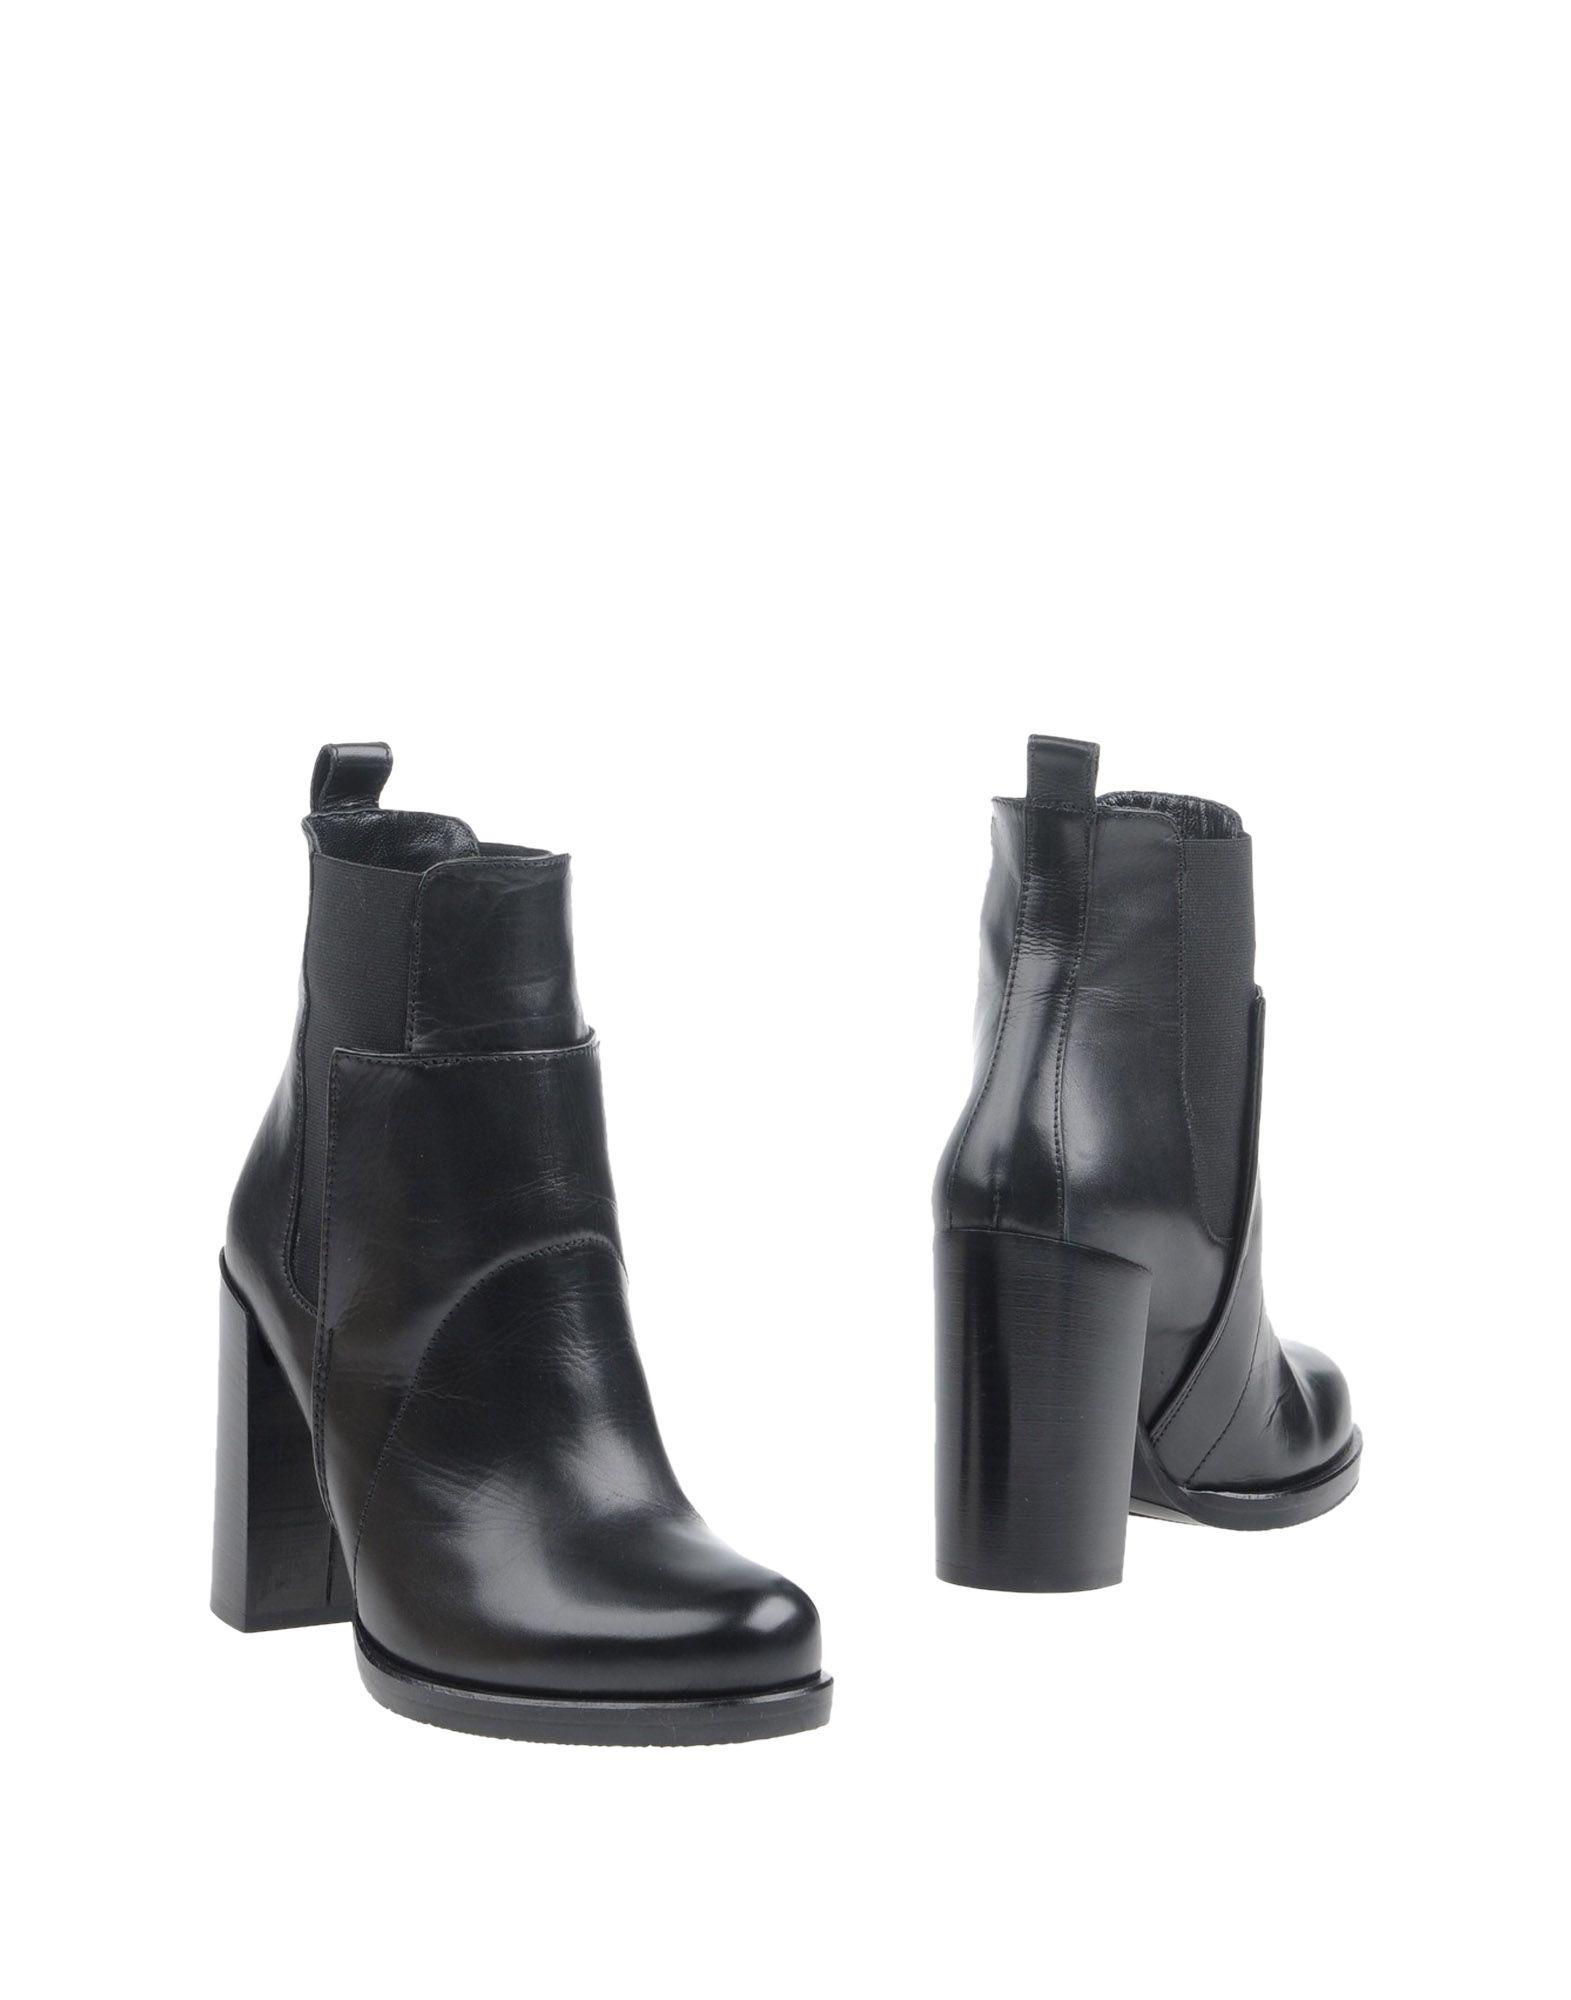 E'CLAT Полусапоги и высокие ботинки купить футбольную форму челси торрес